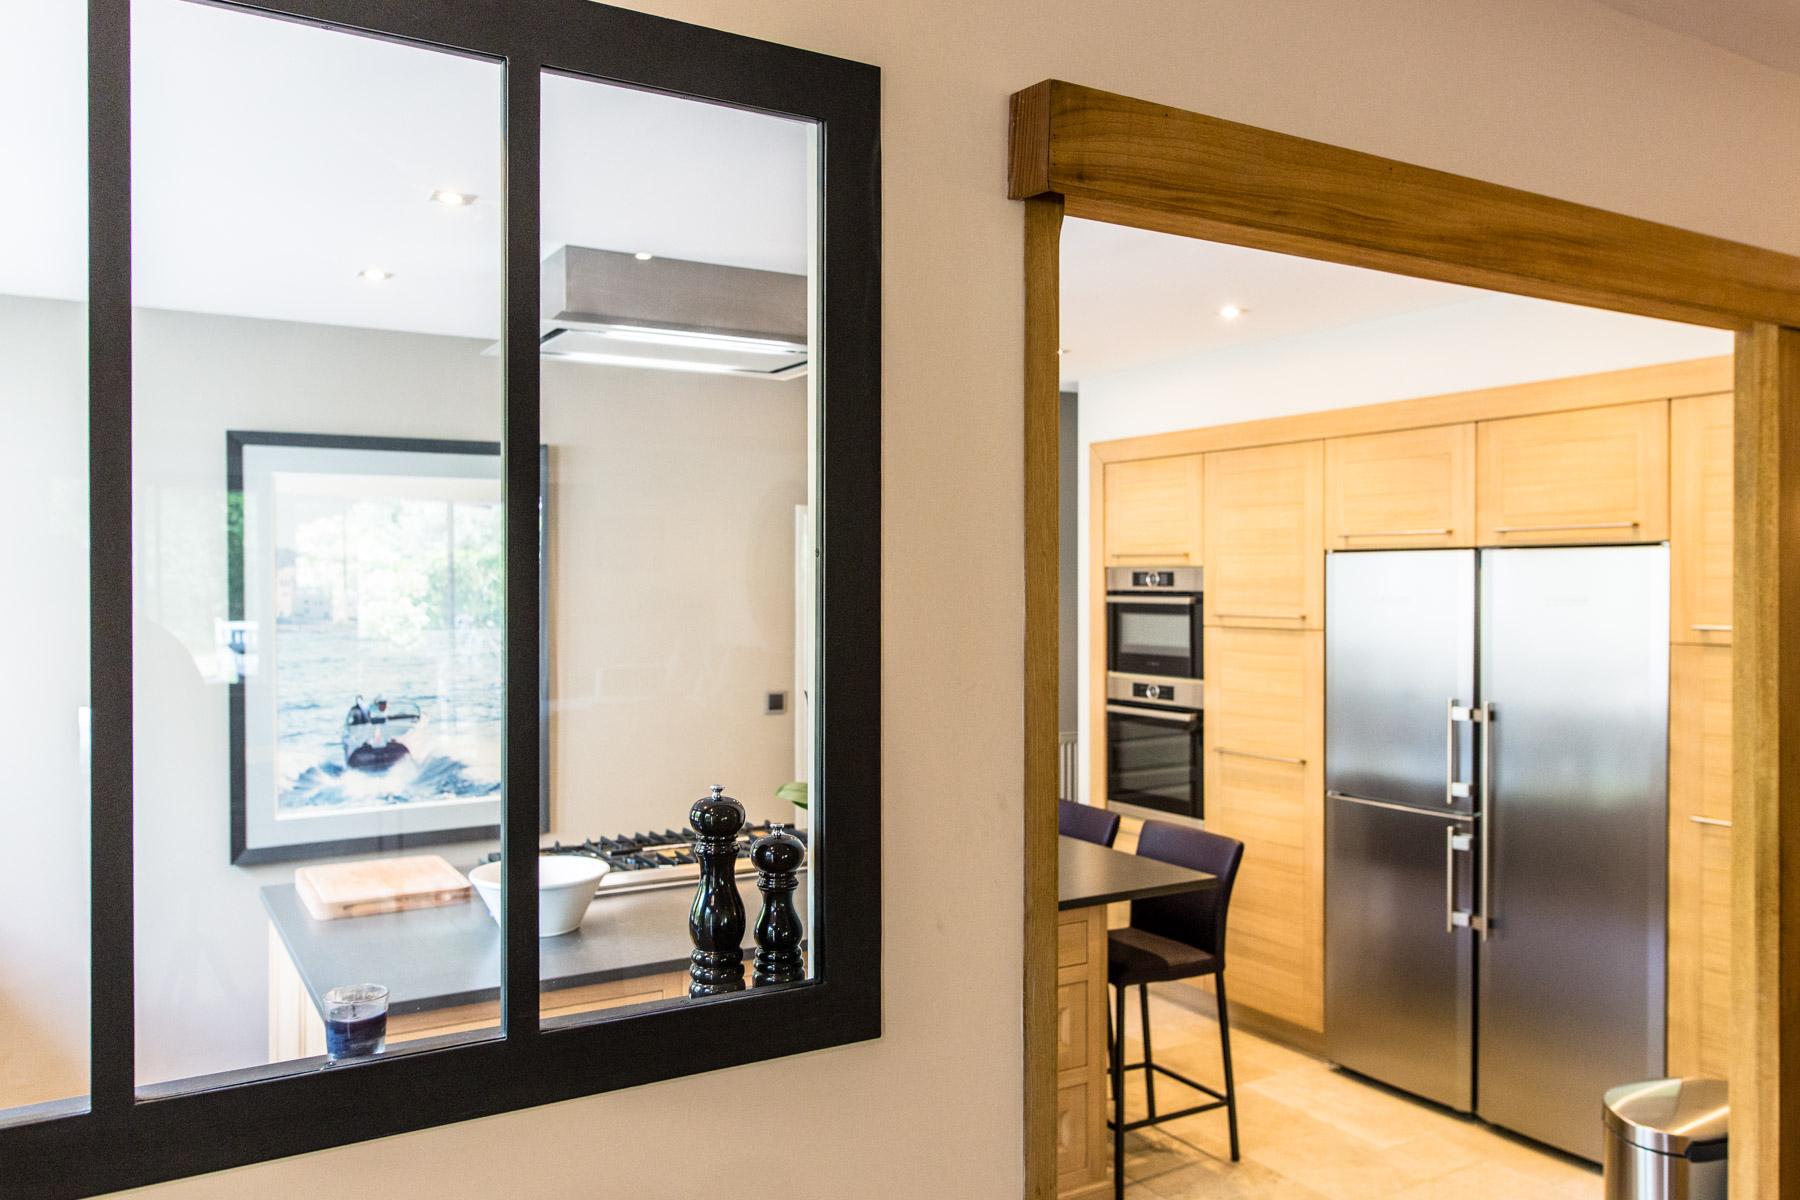 Verrière de l'Atelier Alexandrin ouvrant sur une cuisine modèle Haussmann et Variation